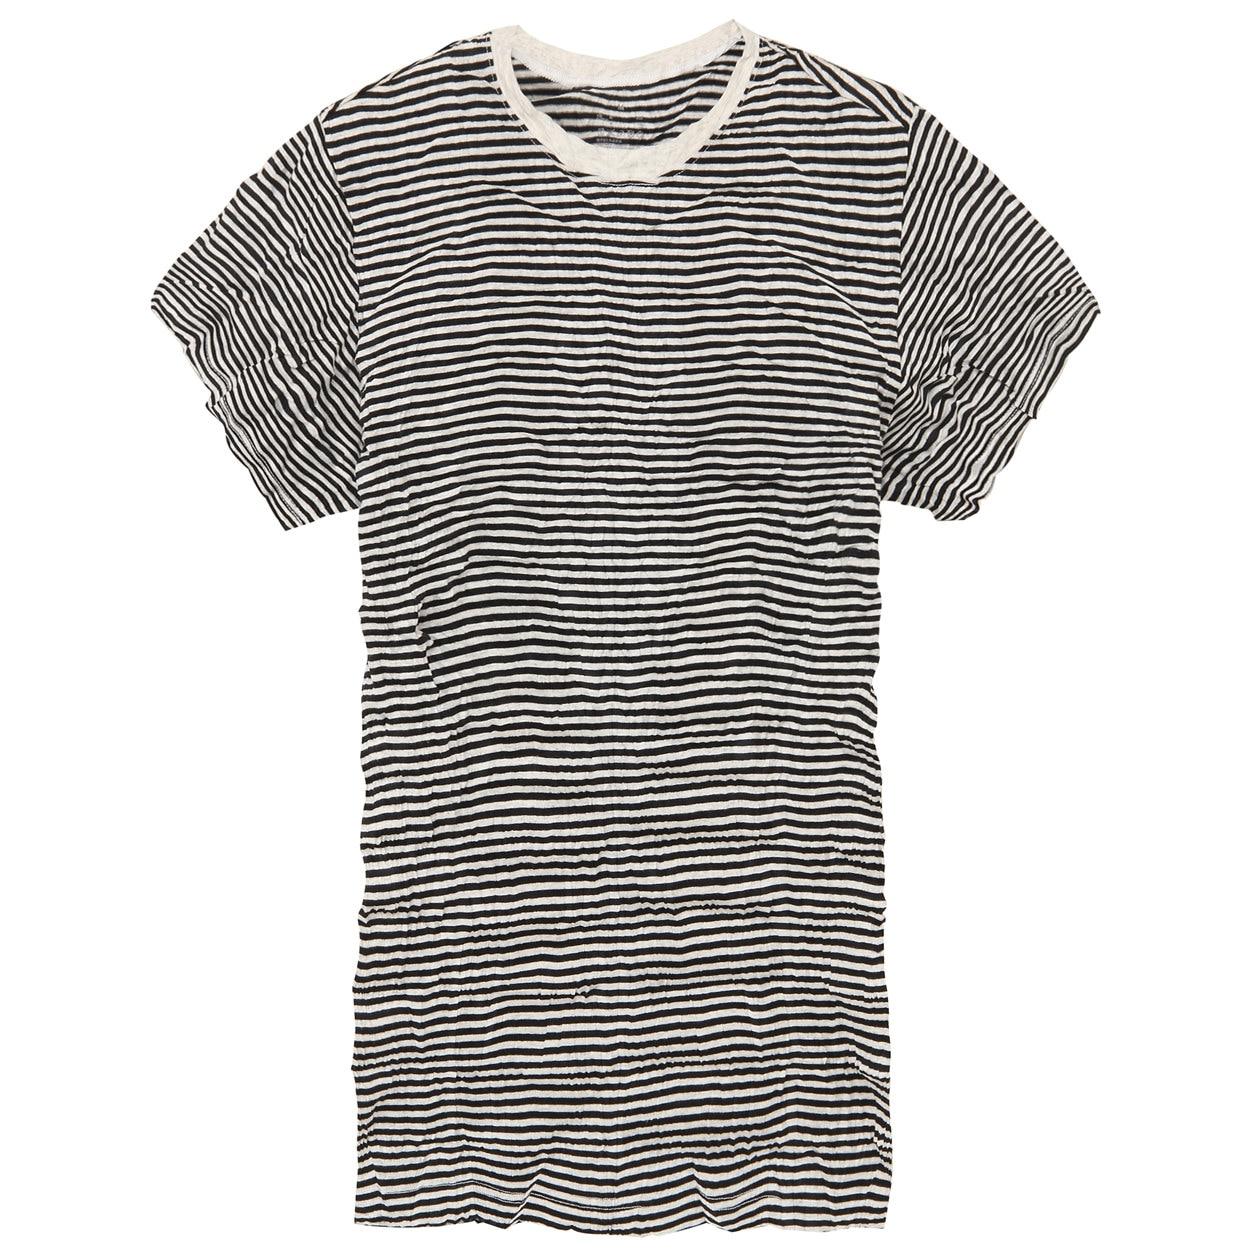 オーガニックコットン圧縮ボーダーTシャツ